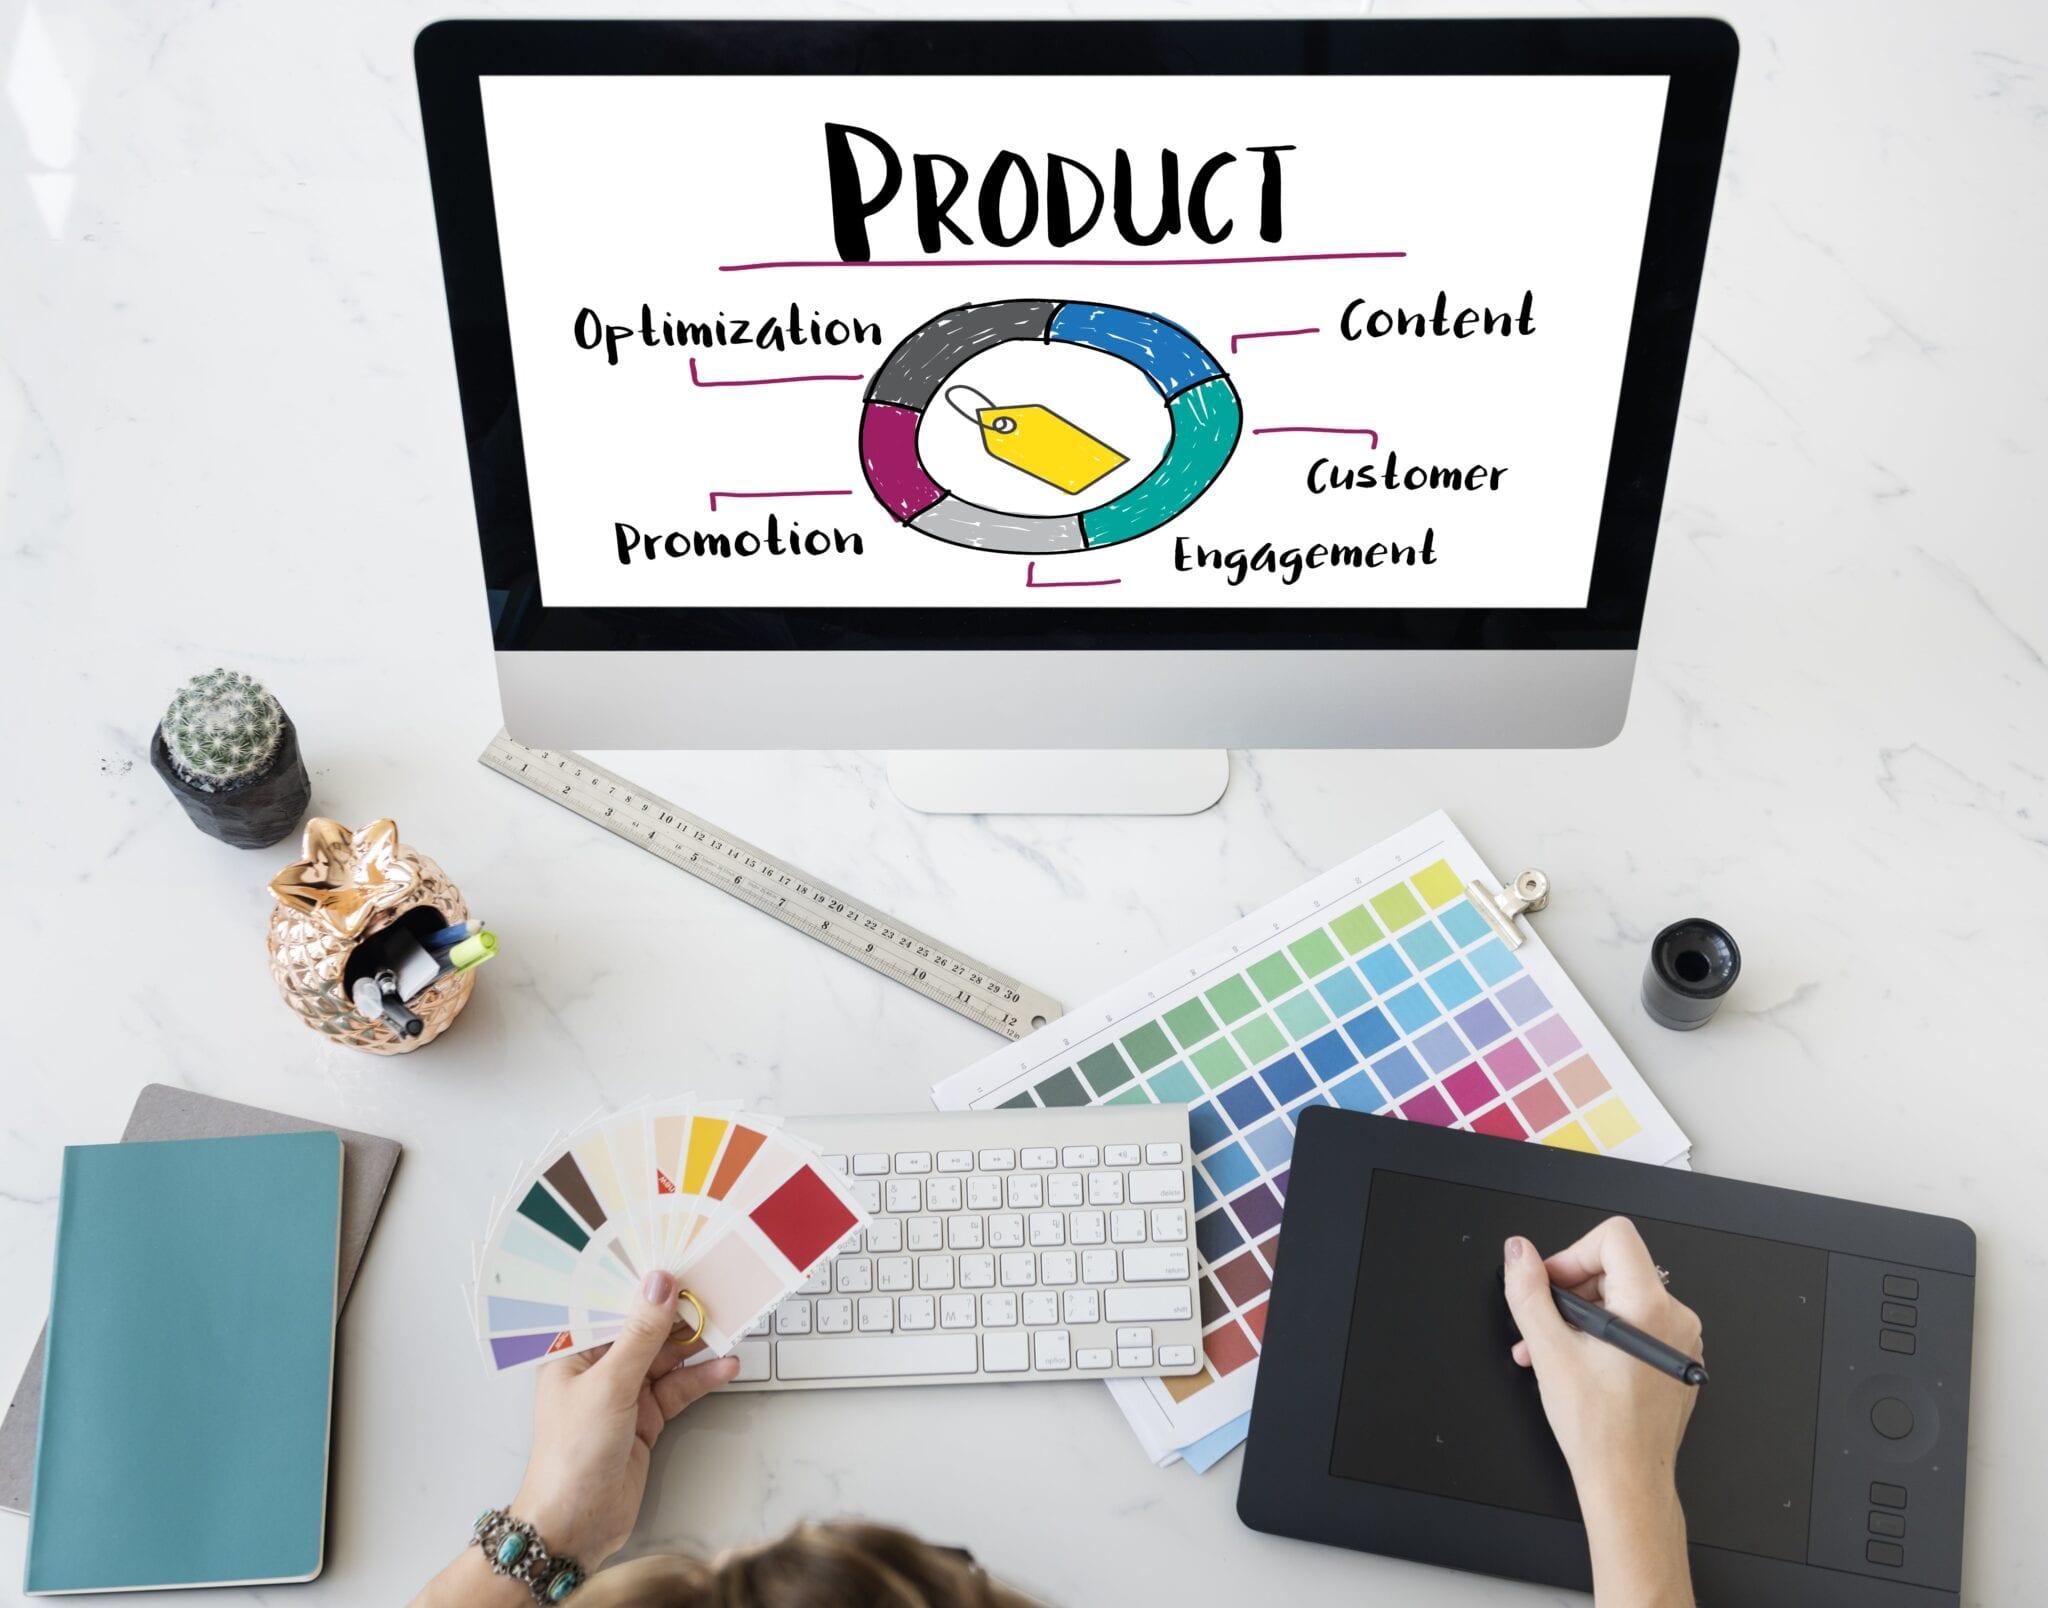 herramientas-creacion-contenido